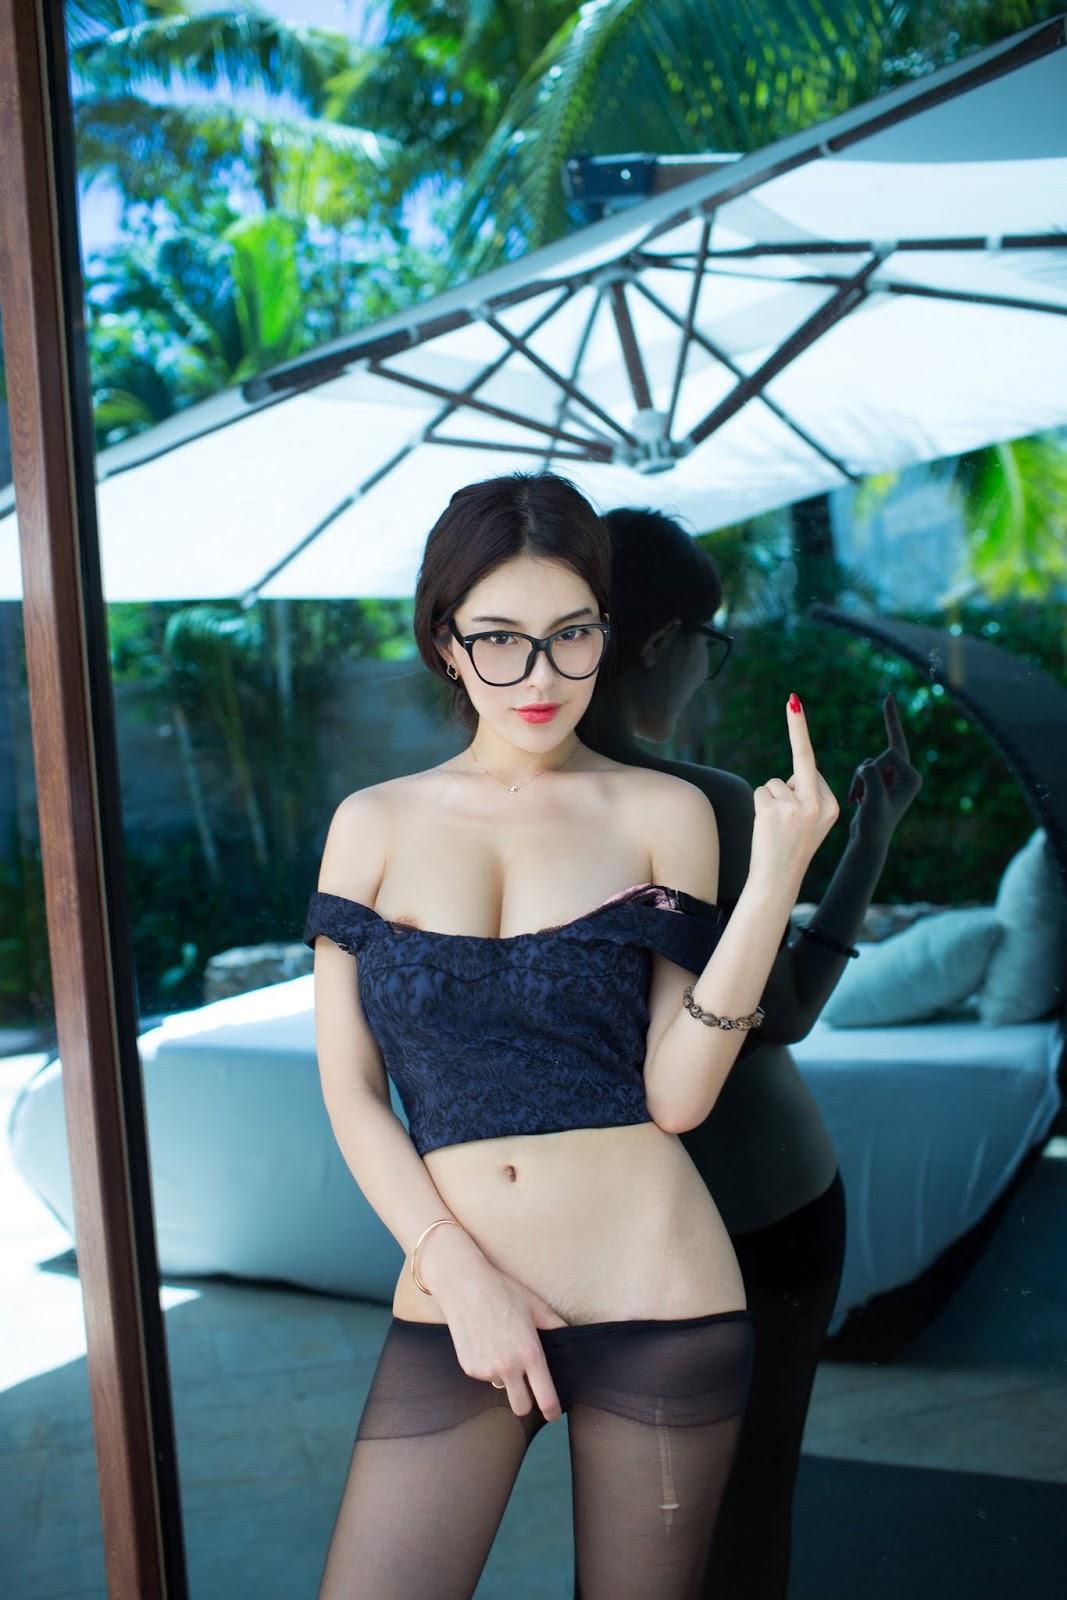 %252B%252B%252B%25C2%25AC %252B 23 - Naked Nude Girl TUIGIRL NO.51 Model